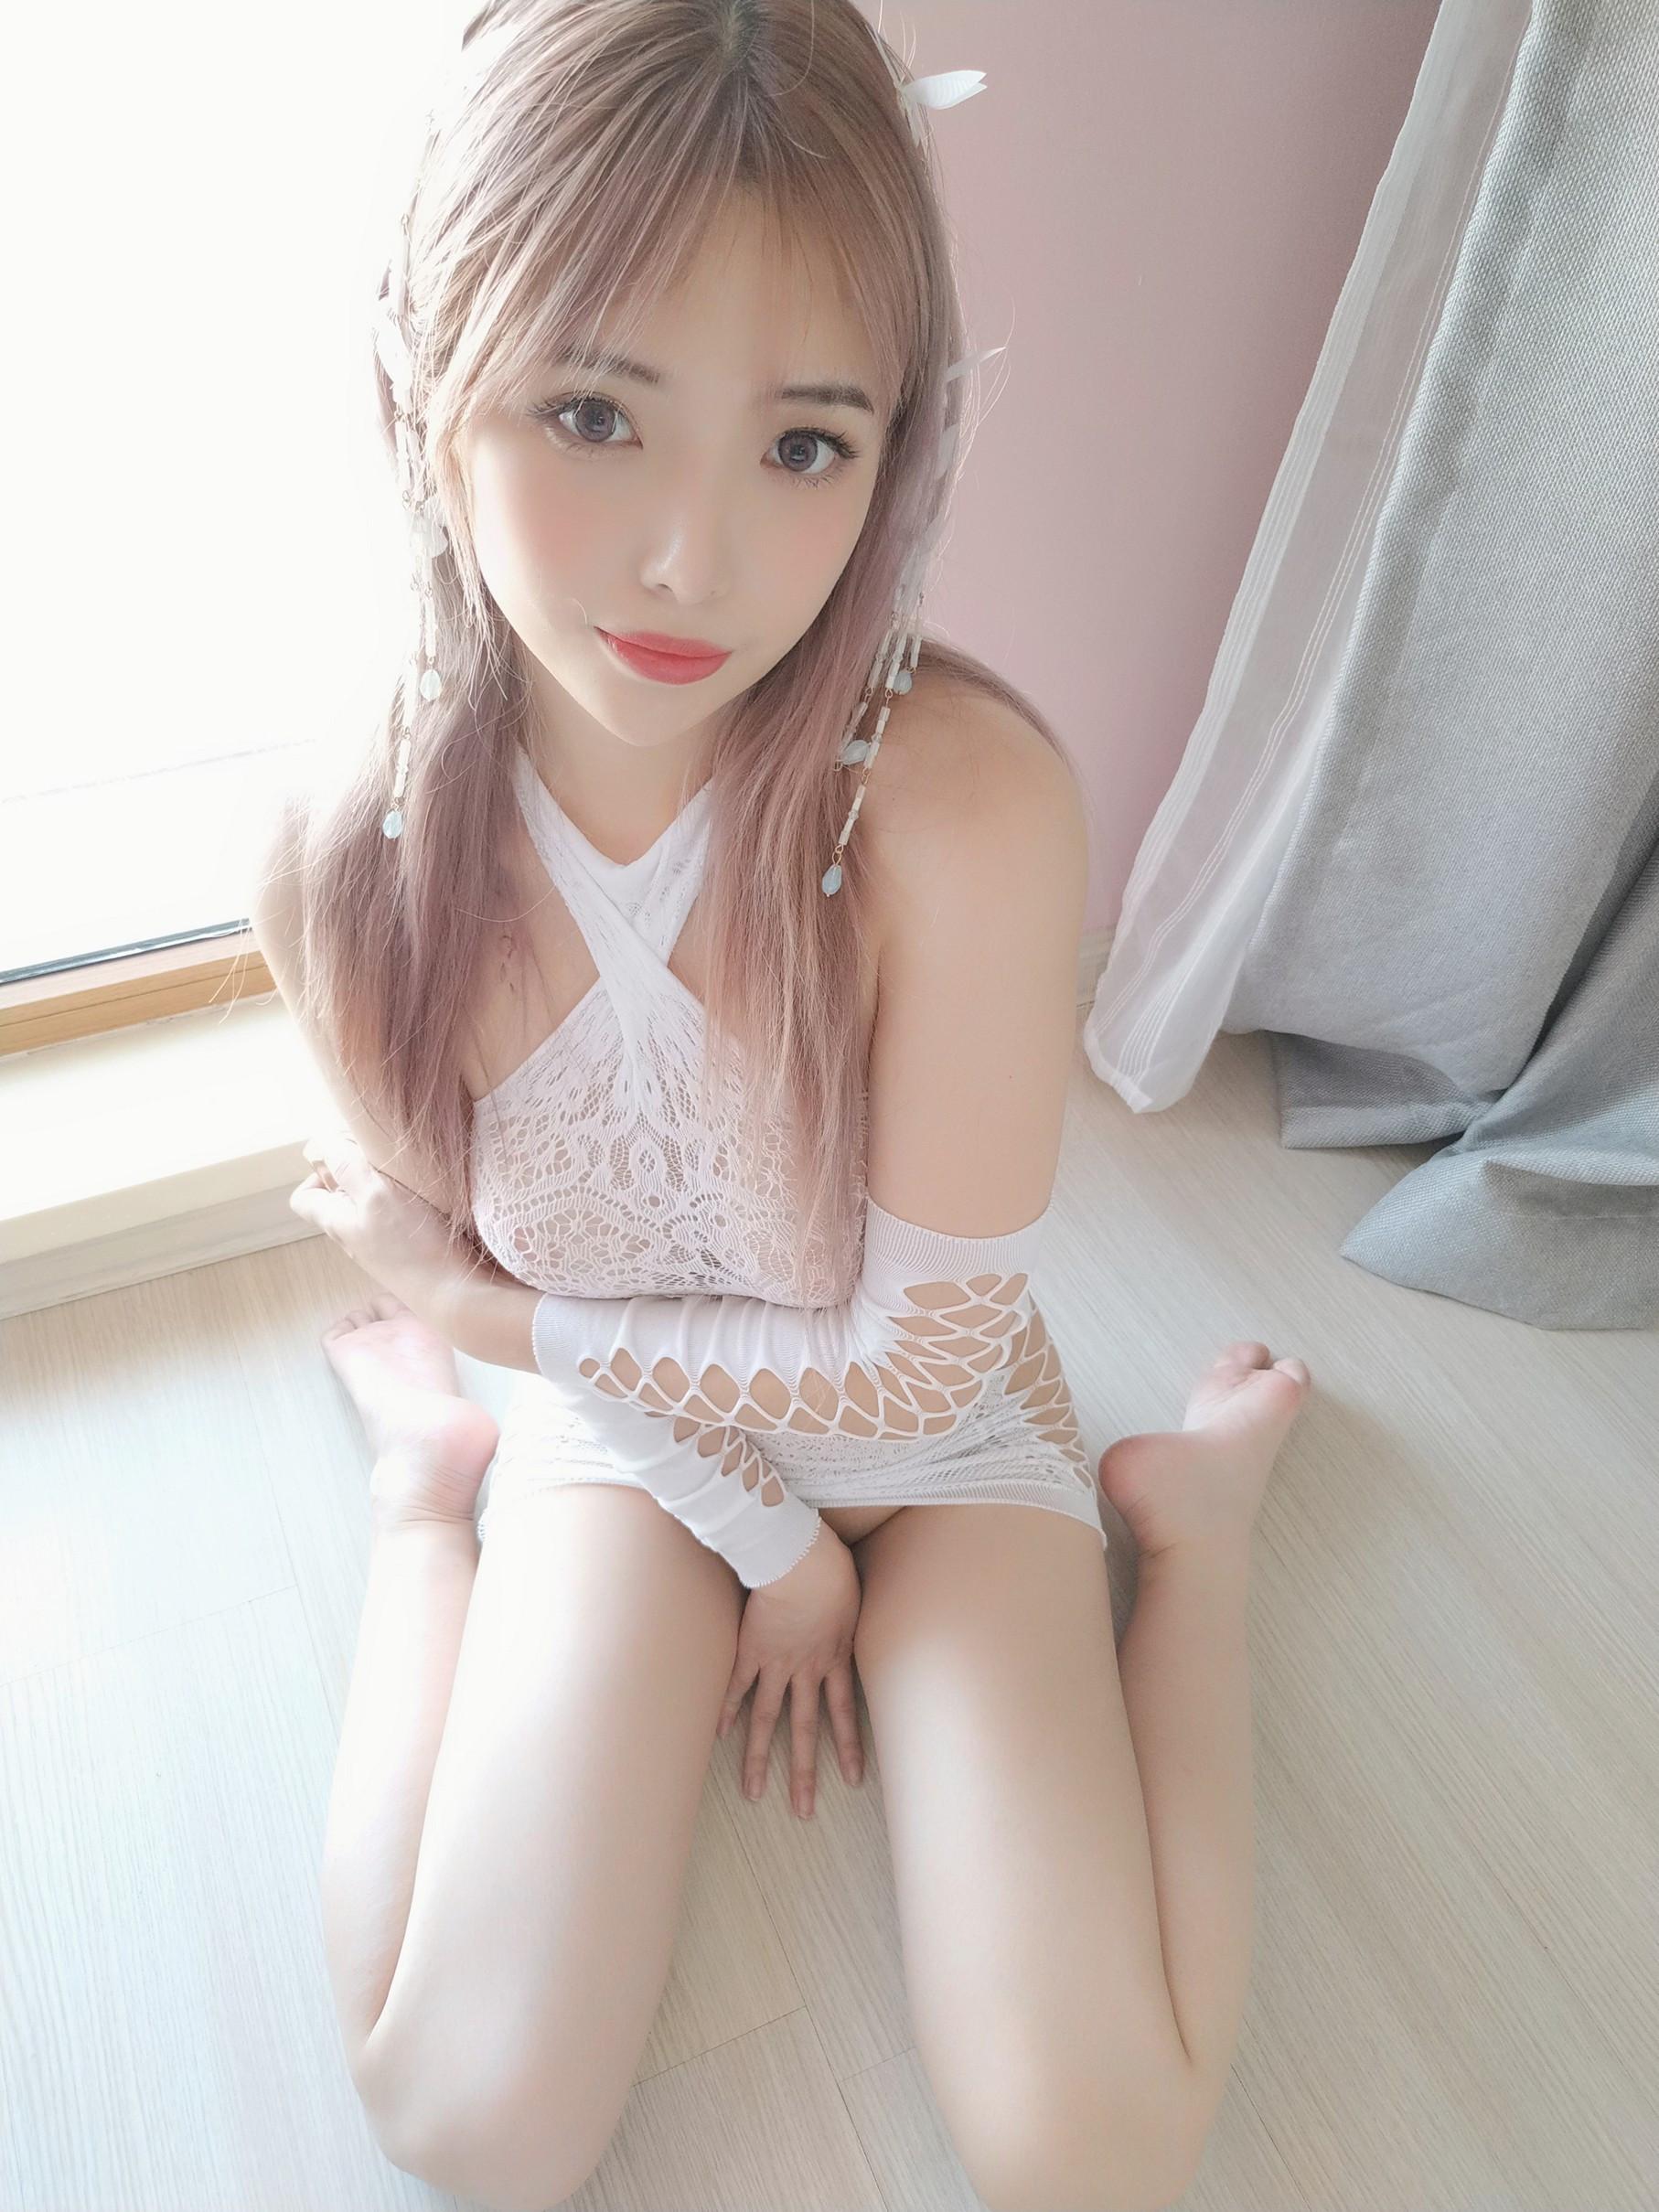 Wenmei - White butterfly selfie 027